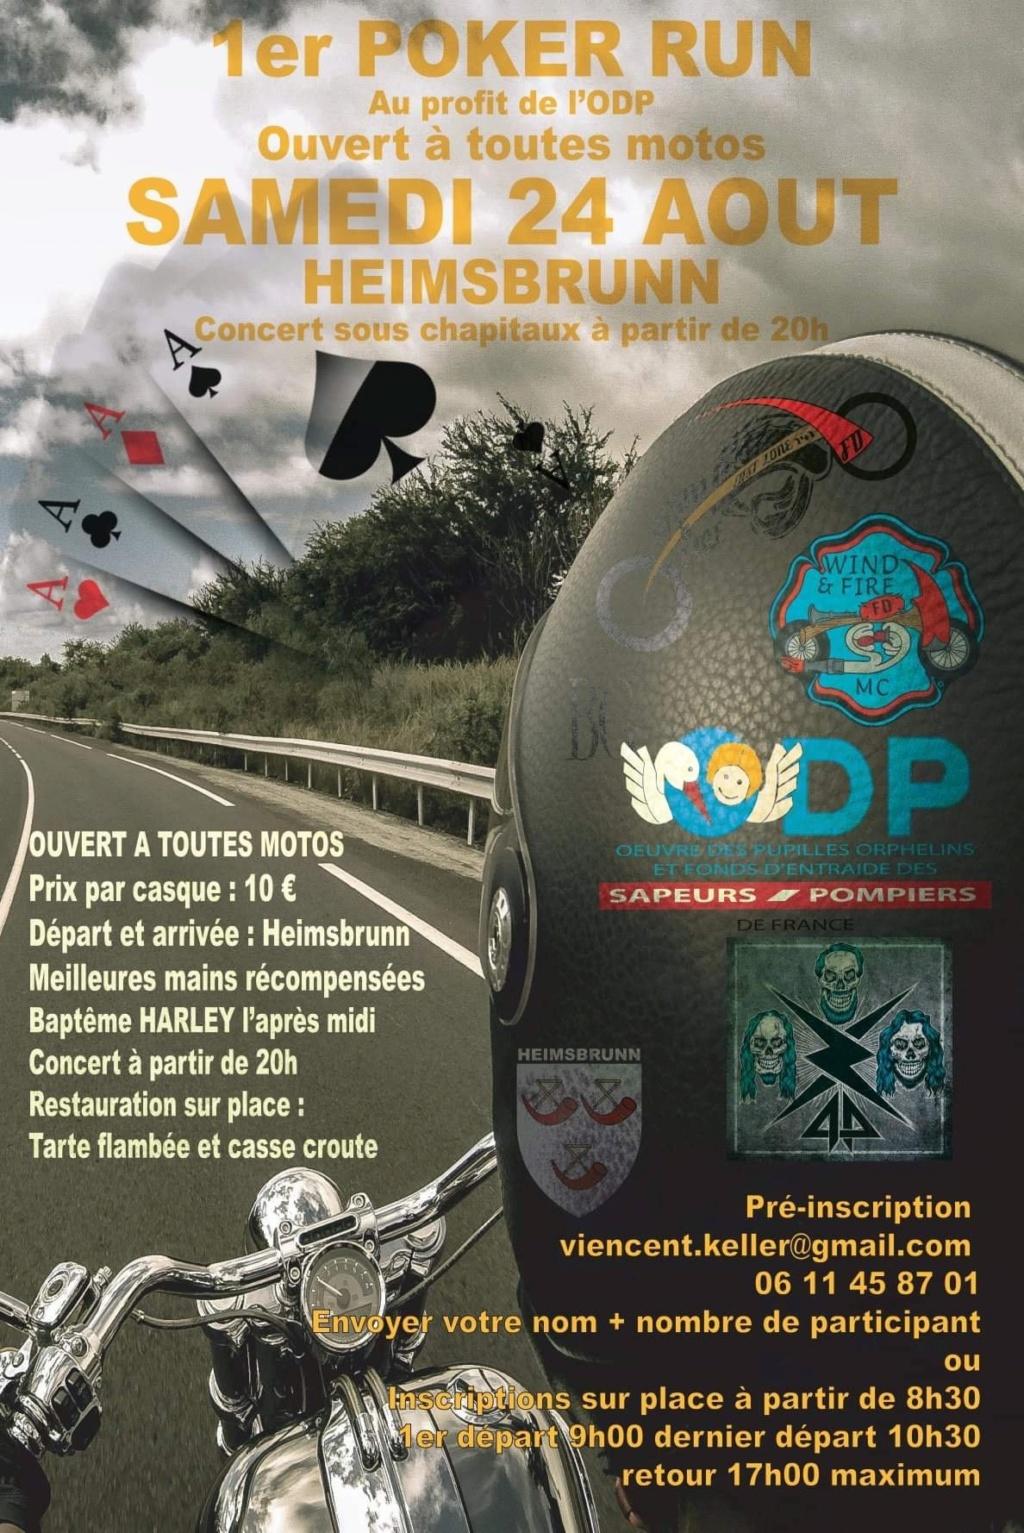 MANIFESTATION - 1er Poker Run - Samedi 24 AOUT - Heimsbrunn 5d386810